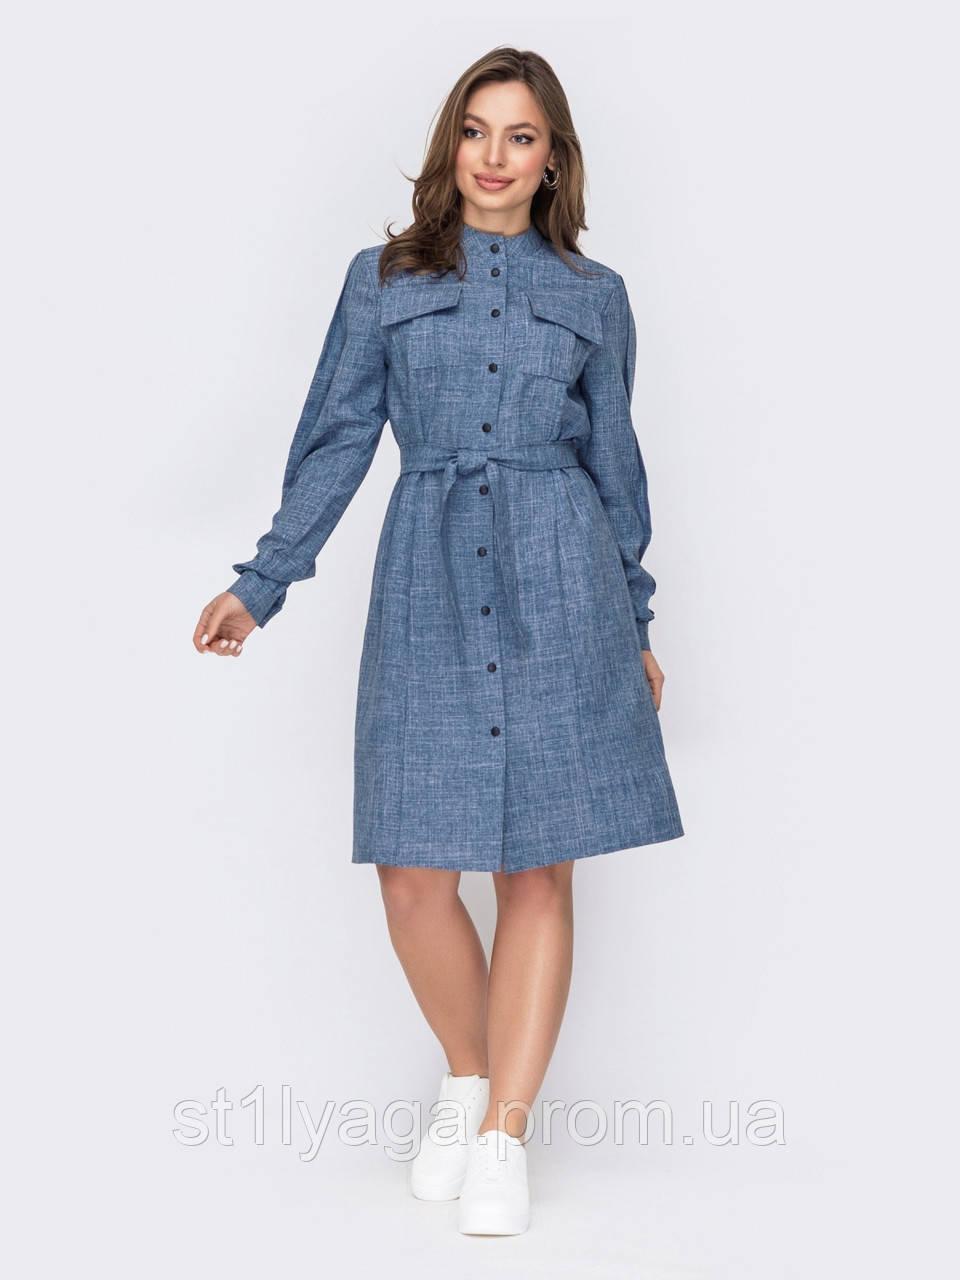 Платье-рубашка с воротником-стойкой и поясом в комплекте